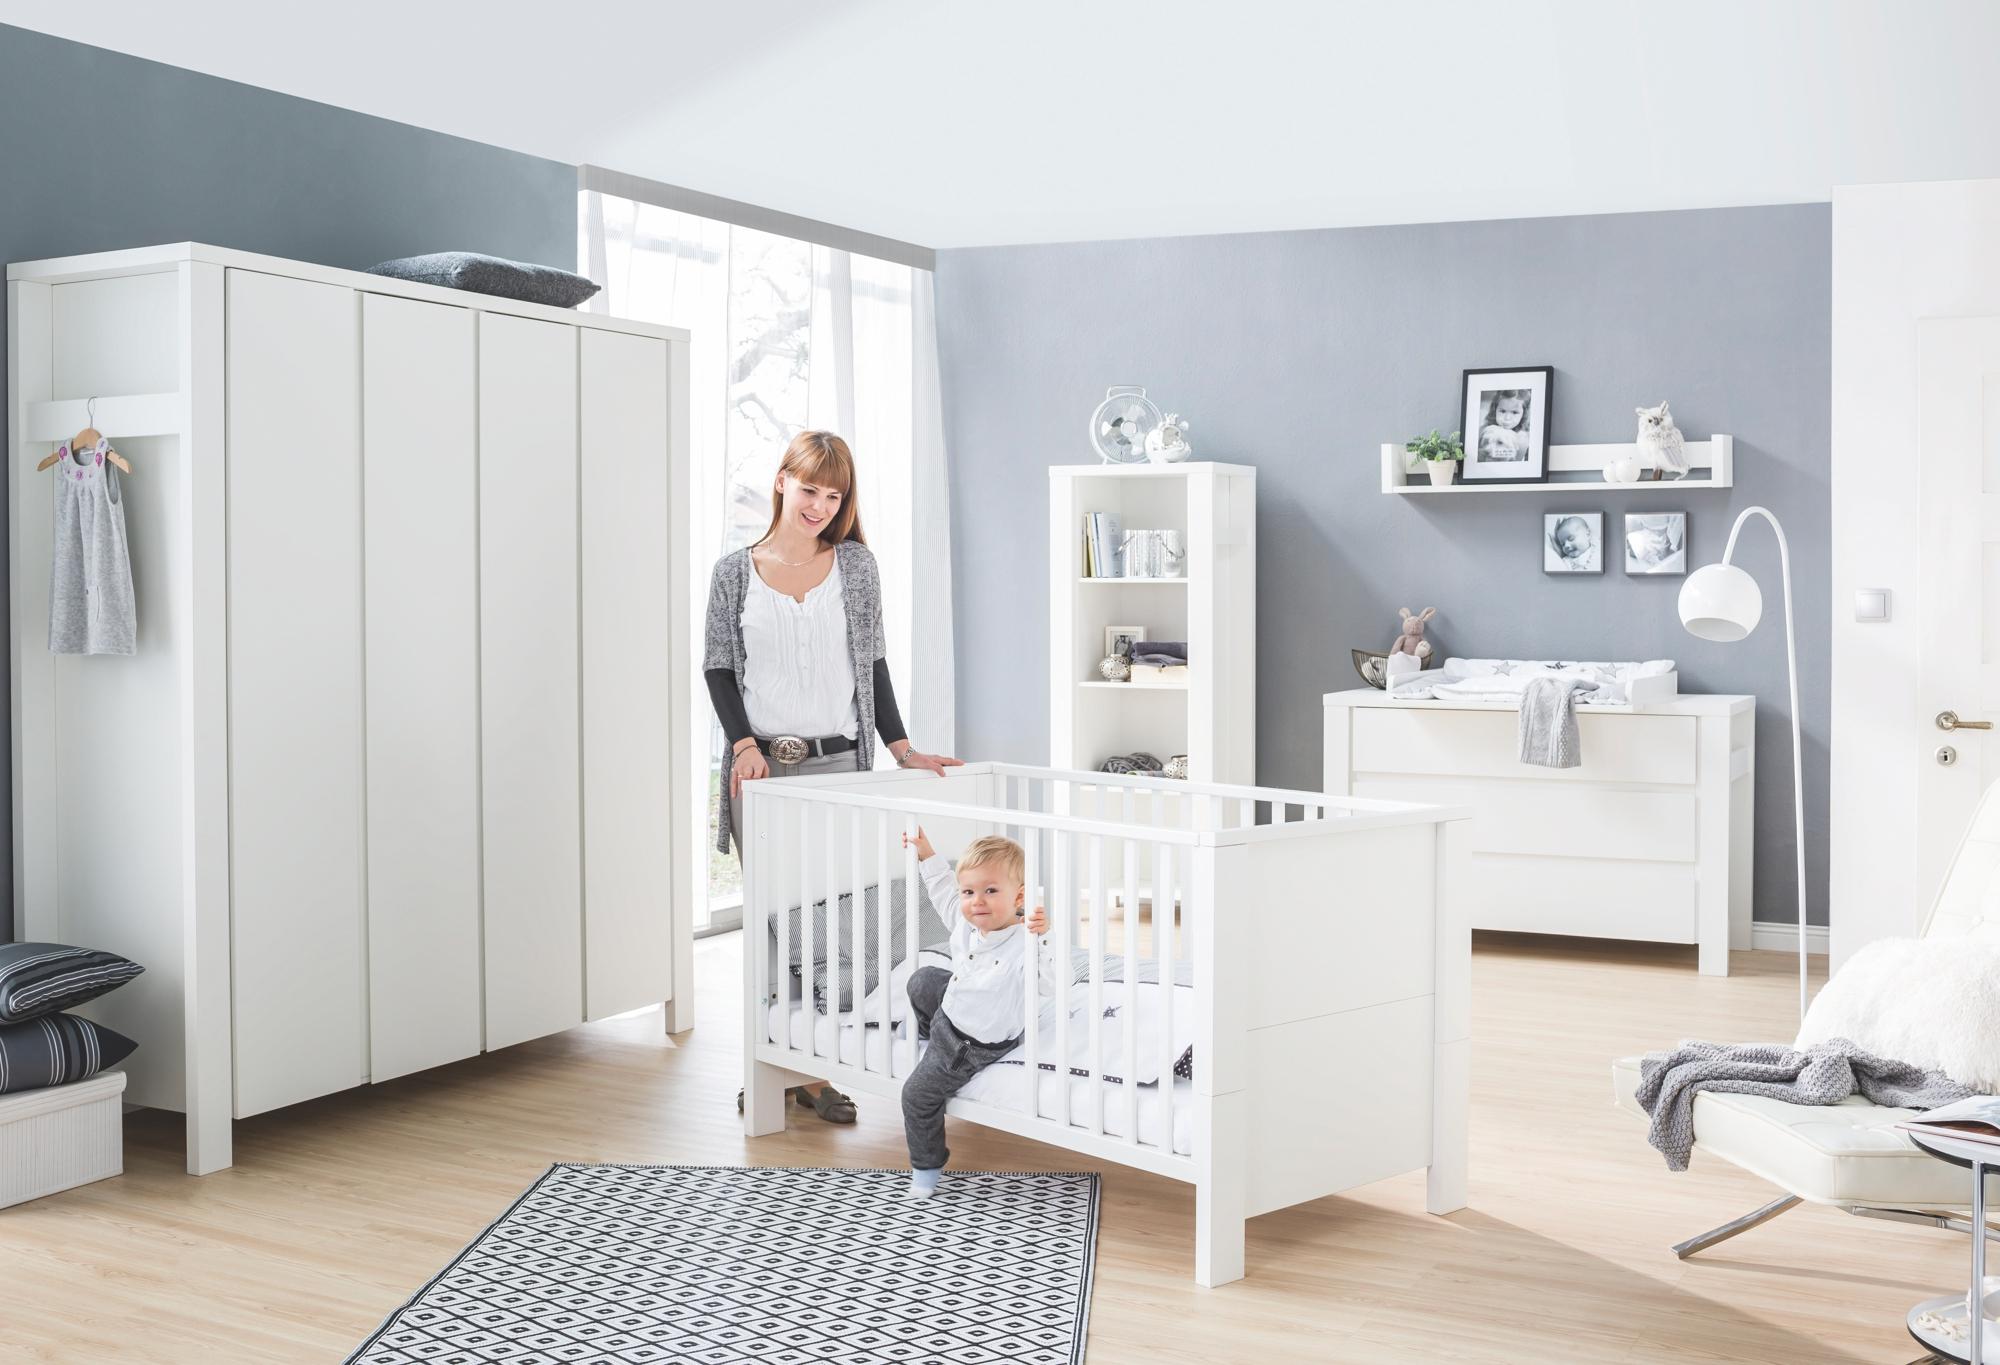 mit schrank fabulous hochbett schrank erstaunlich. Black Bedroom Furniture Sets. Home Design Ideas